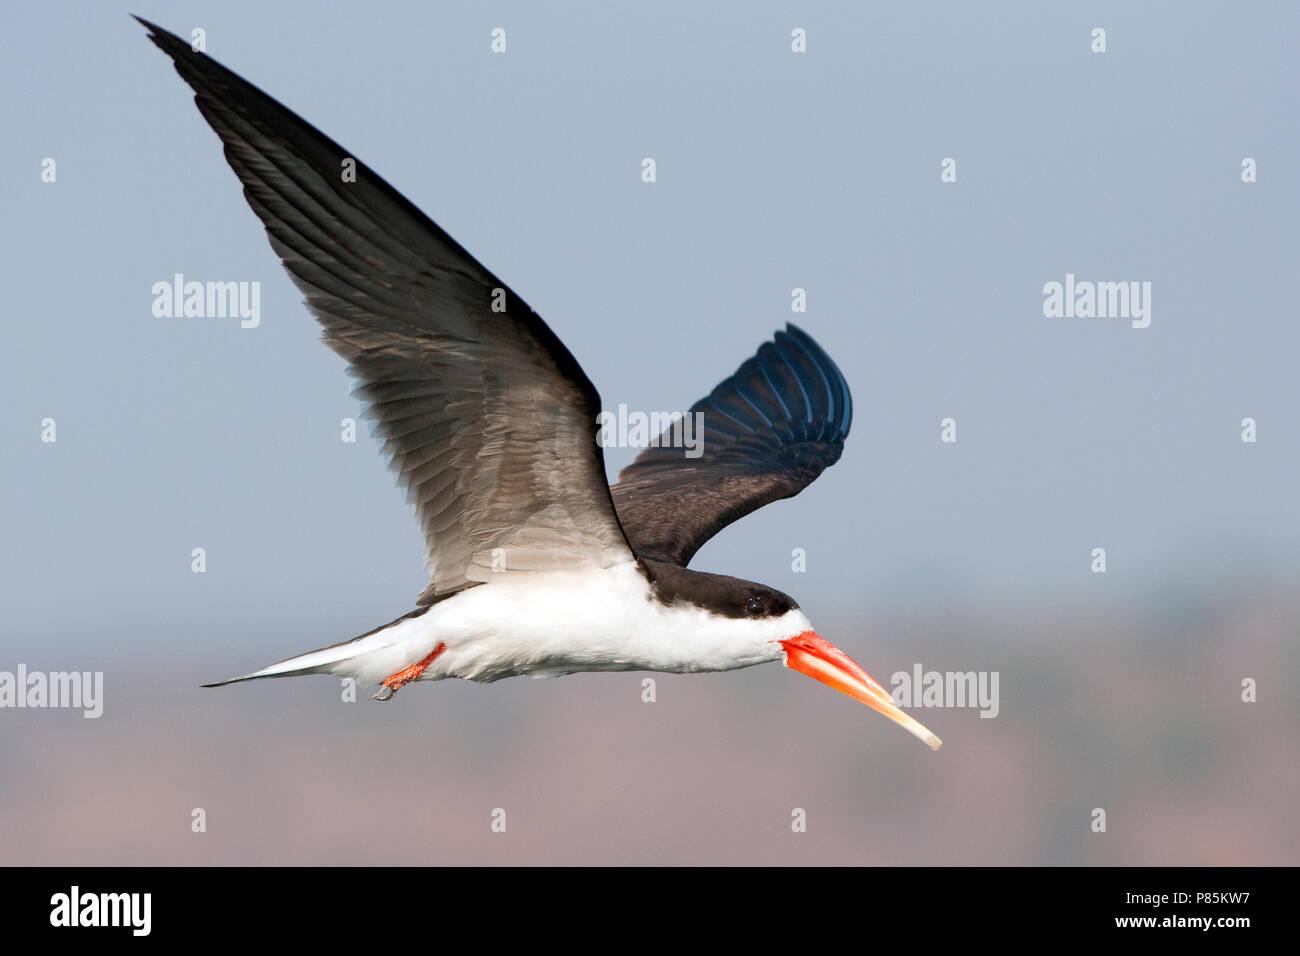 African Skimmer, Afrikaanse Schaarbek - Stock Image